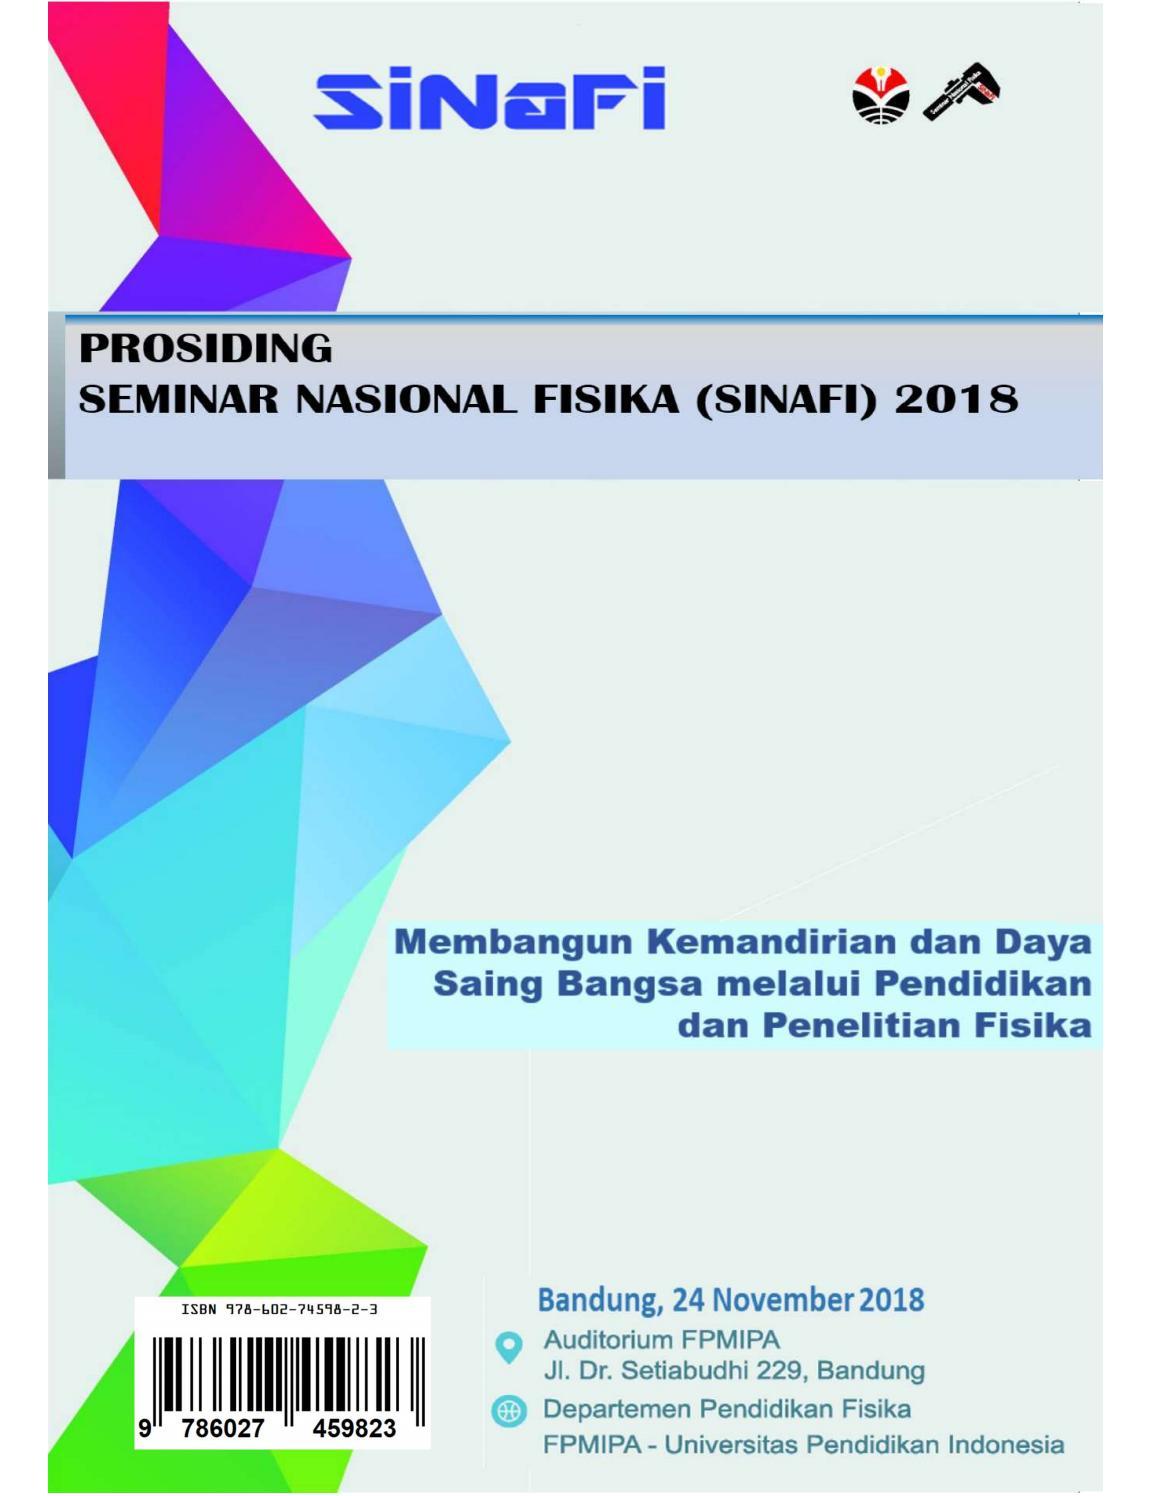 Prosiding Seminar Nasional Fisika SiNaFi Vol 4 No 1 2018